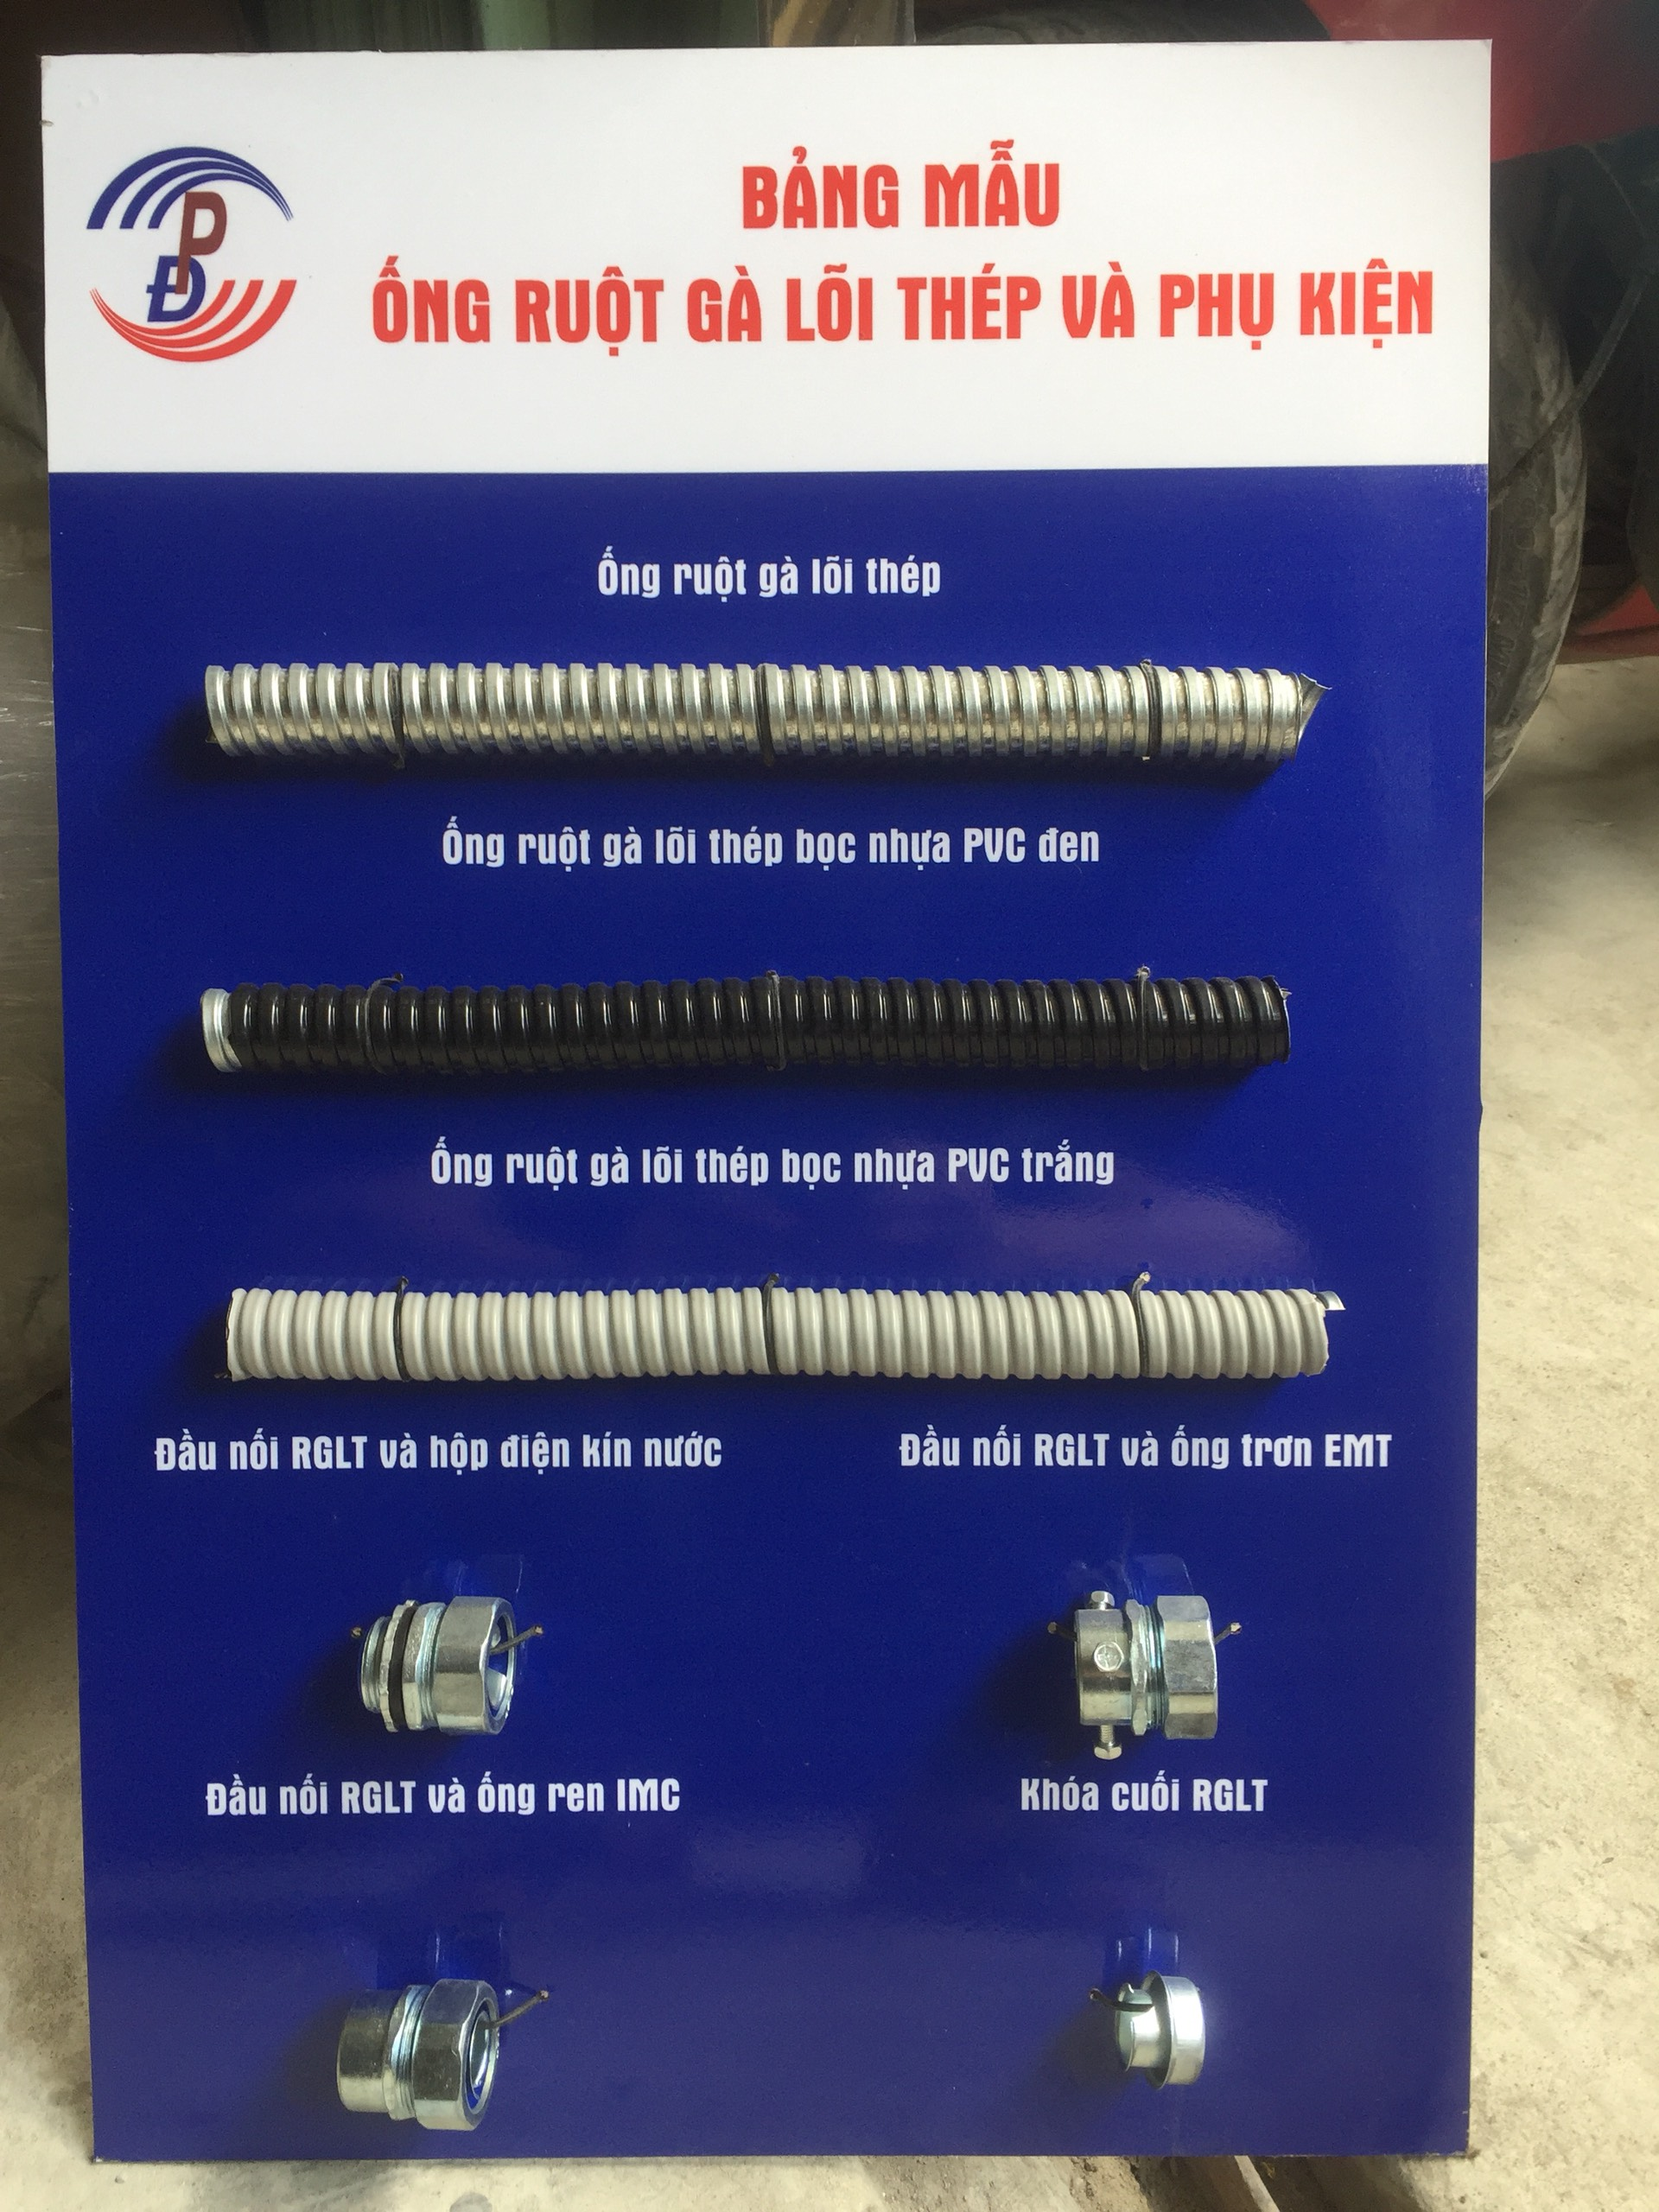 Top ống ruột gà luồn dây điện